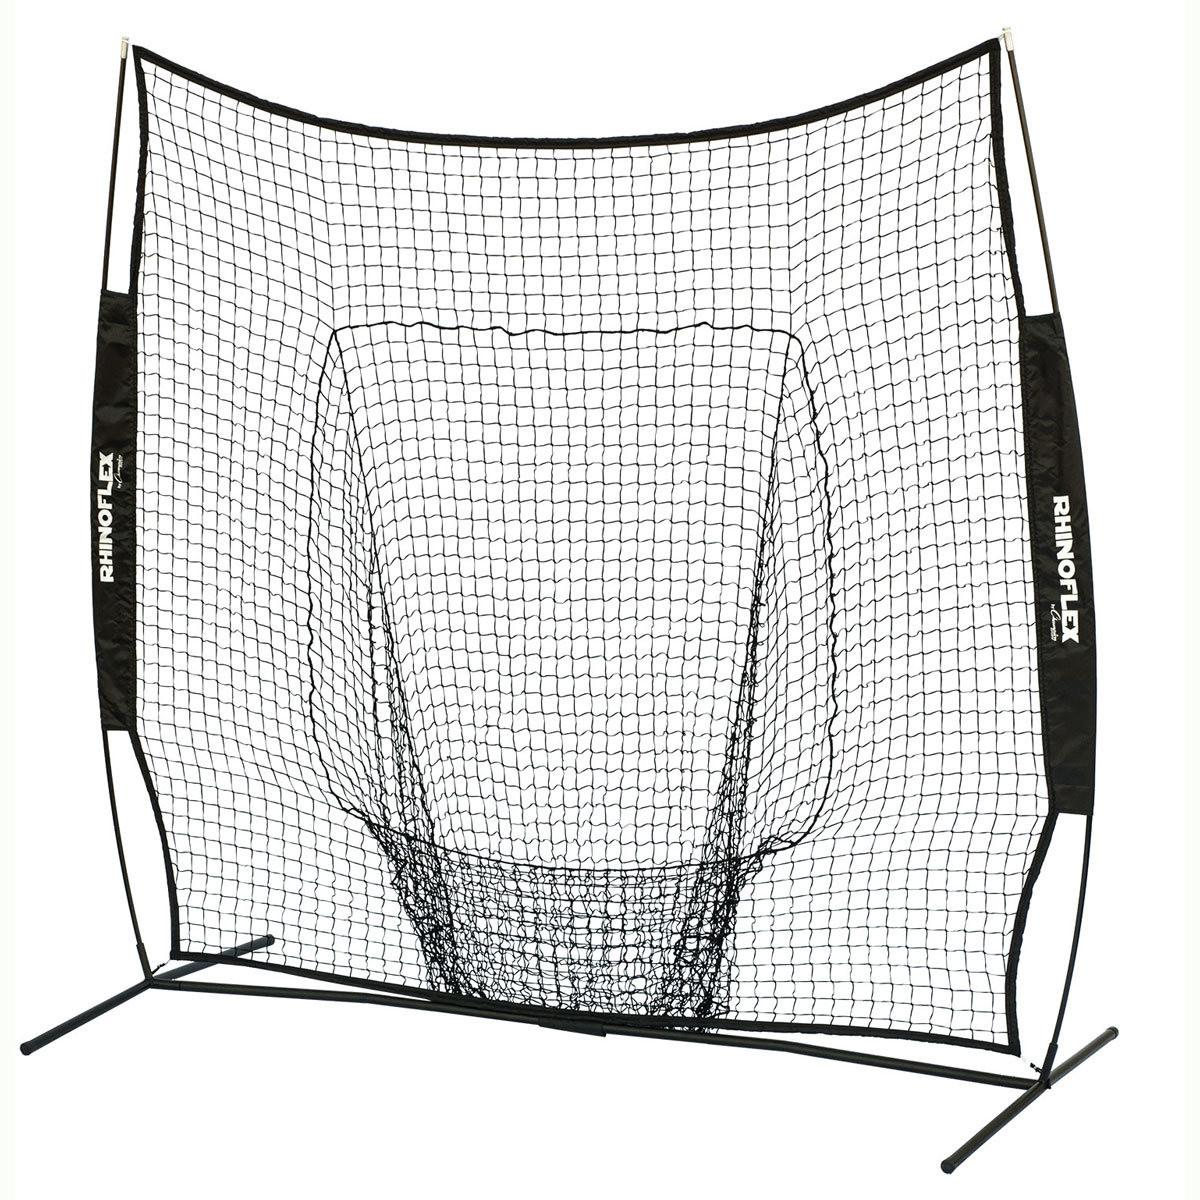 Rhino Flex Portable Baseball Training Net